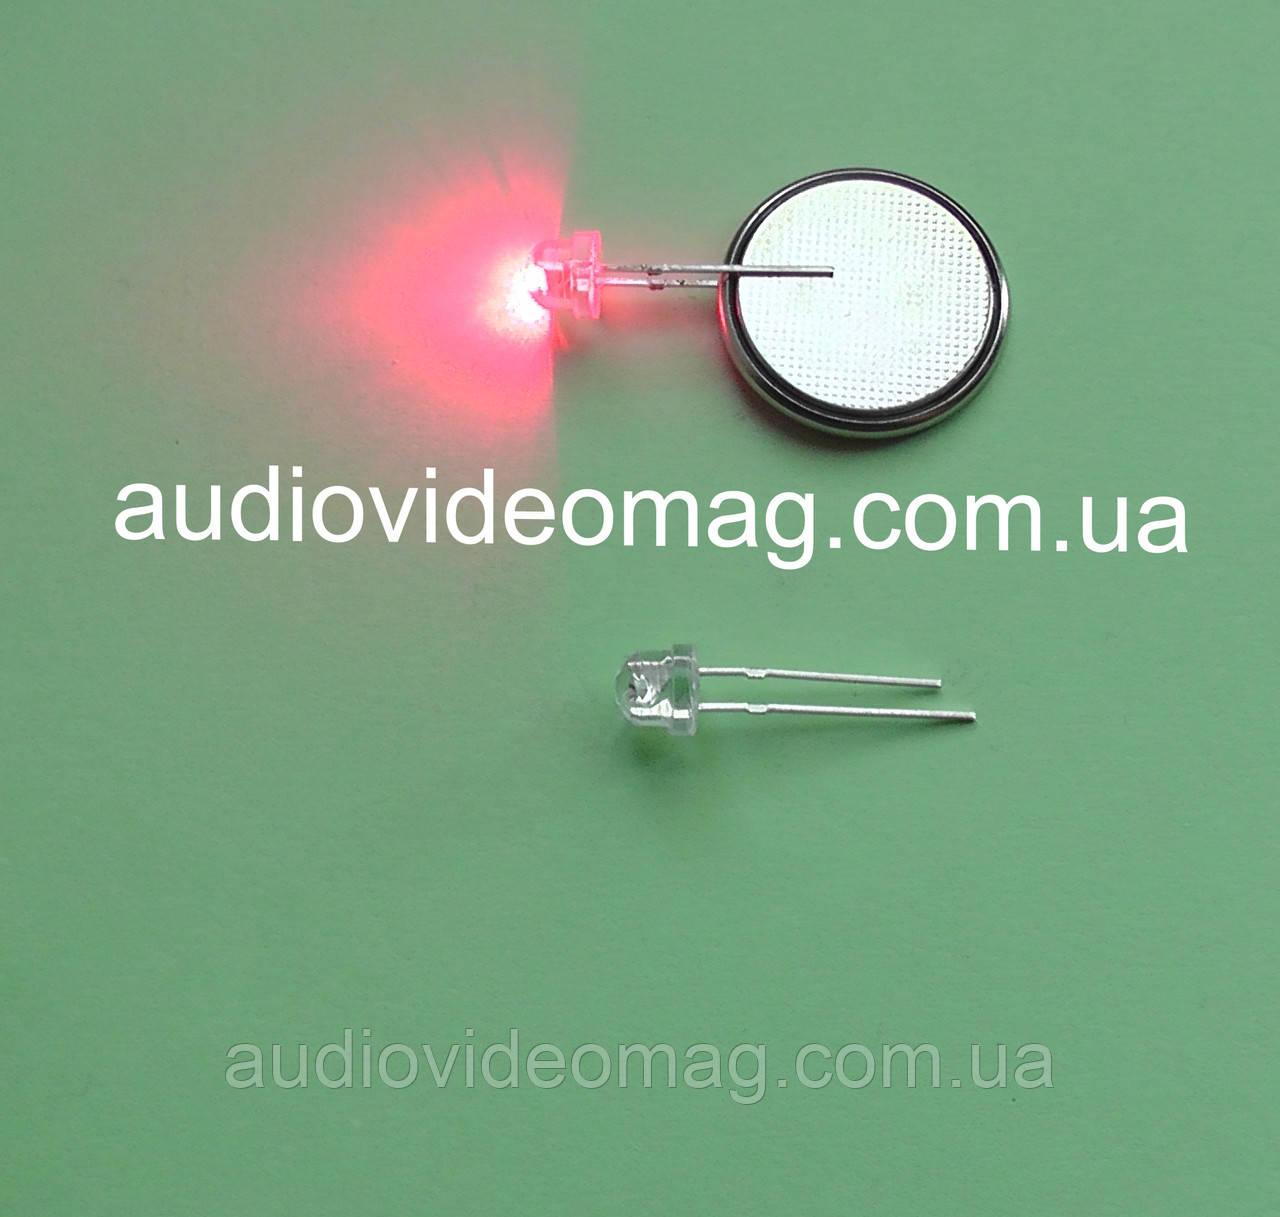 Светодиод 3V 4,8 мм, цвет - красный